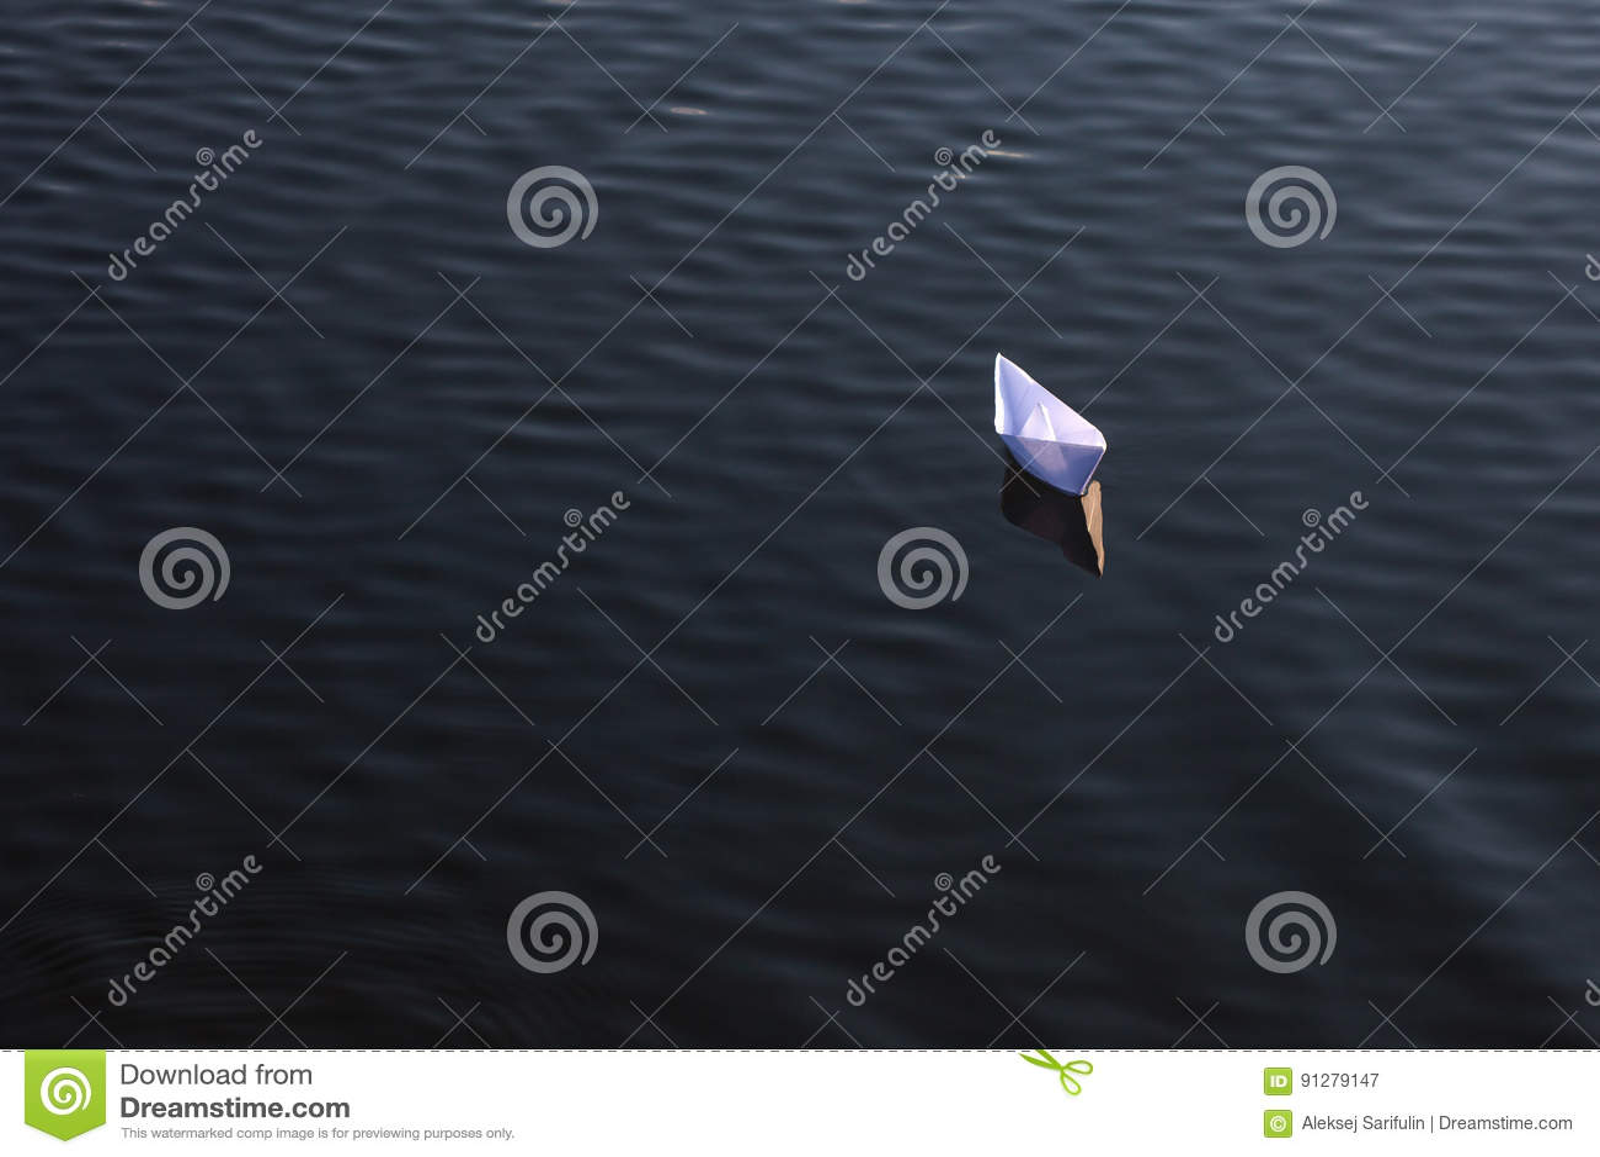 Ett vitbokskepp